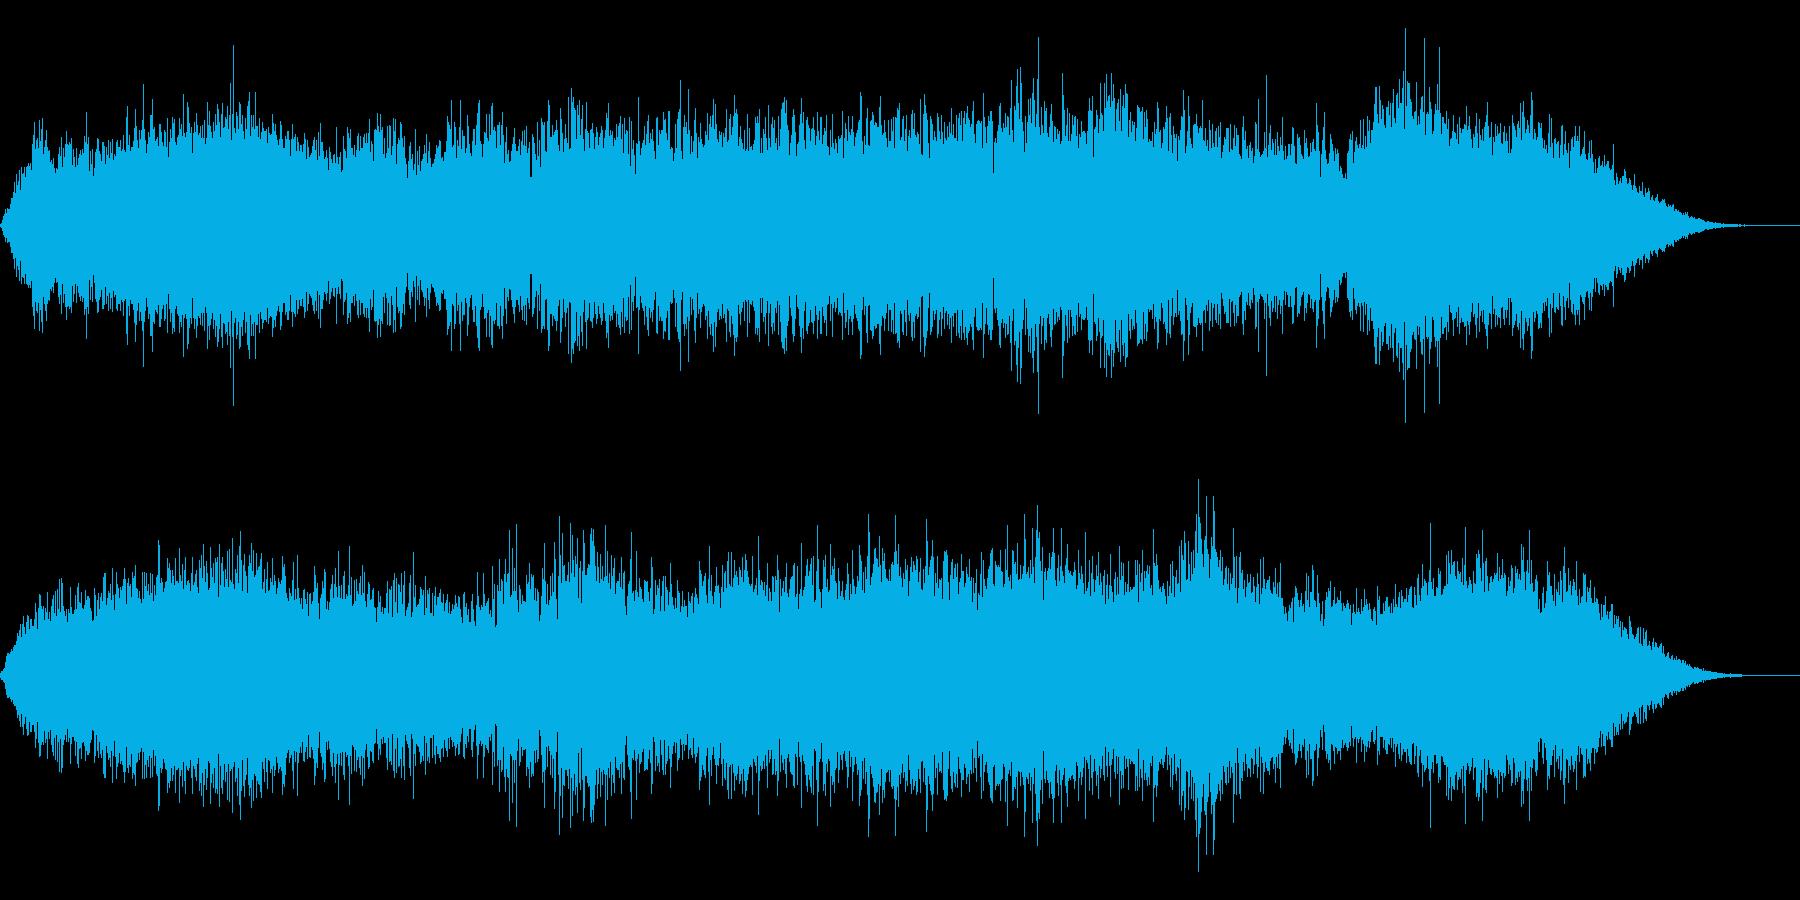 Dark_ホラーで怪しく神秘的-22_Sの再生済みの波形